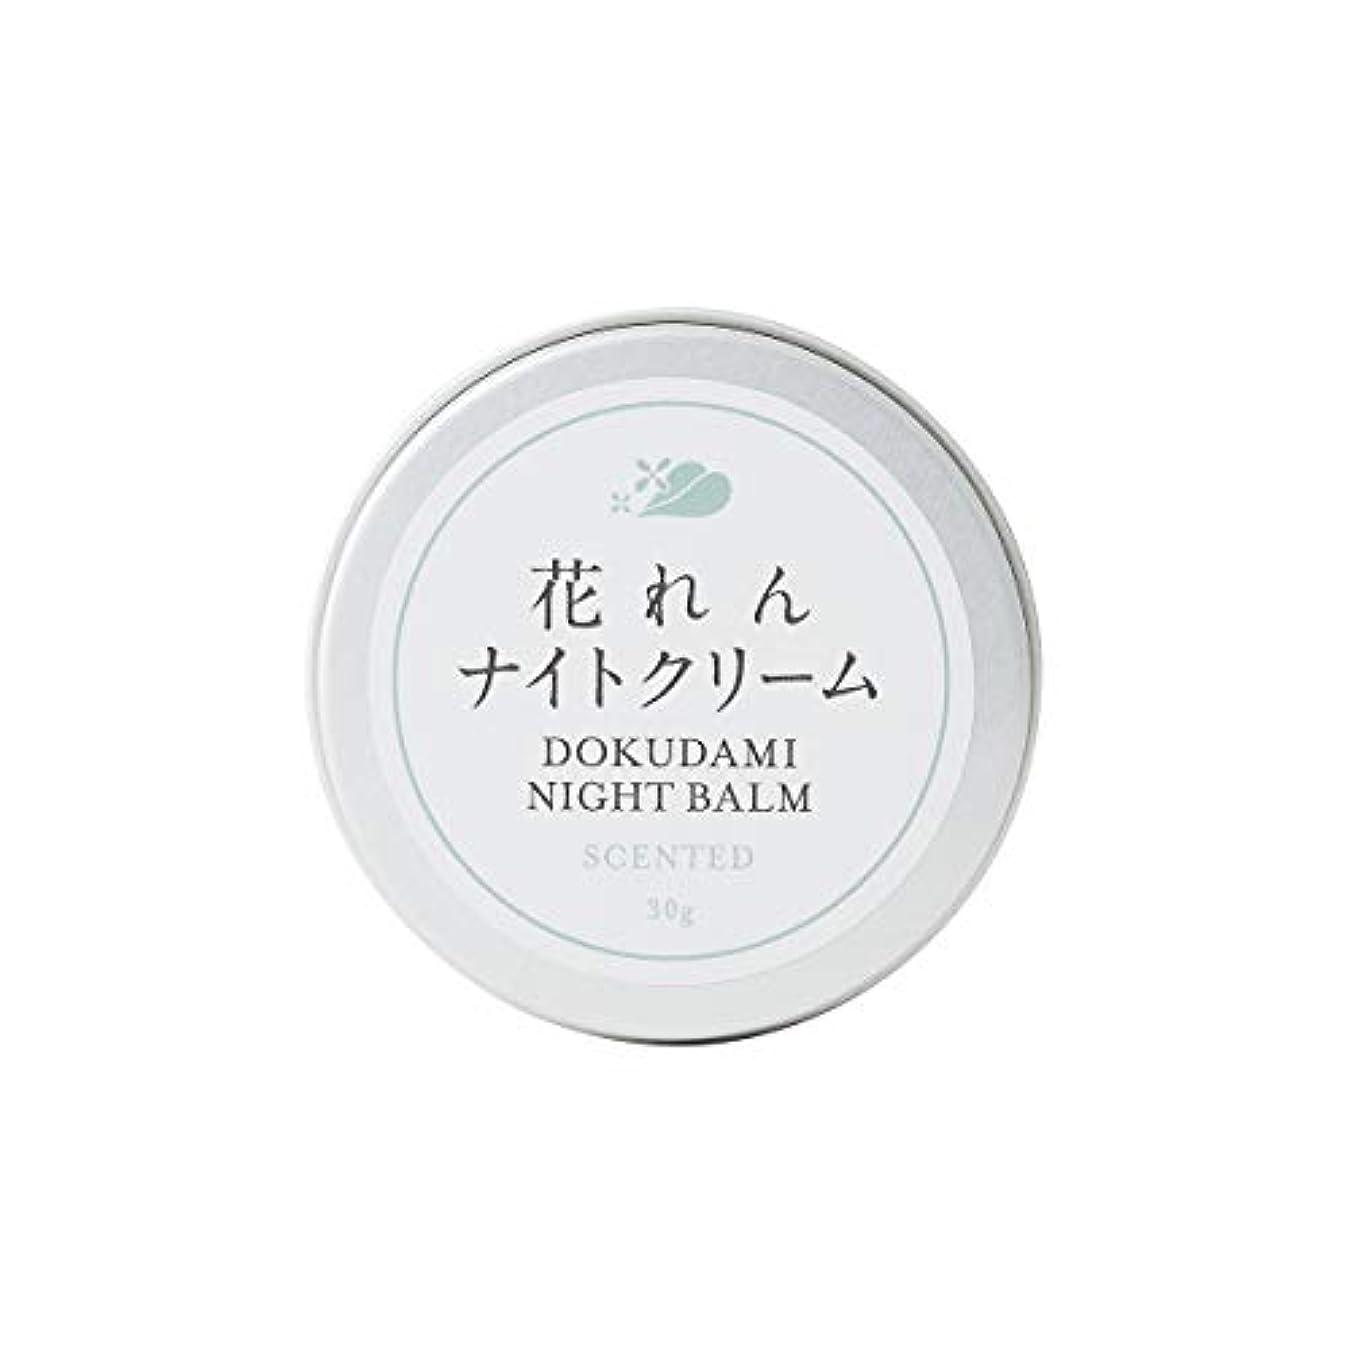 シリアル鉄道マット友絵工房 どくだみナイトクリーム(精油配合) 30g